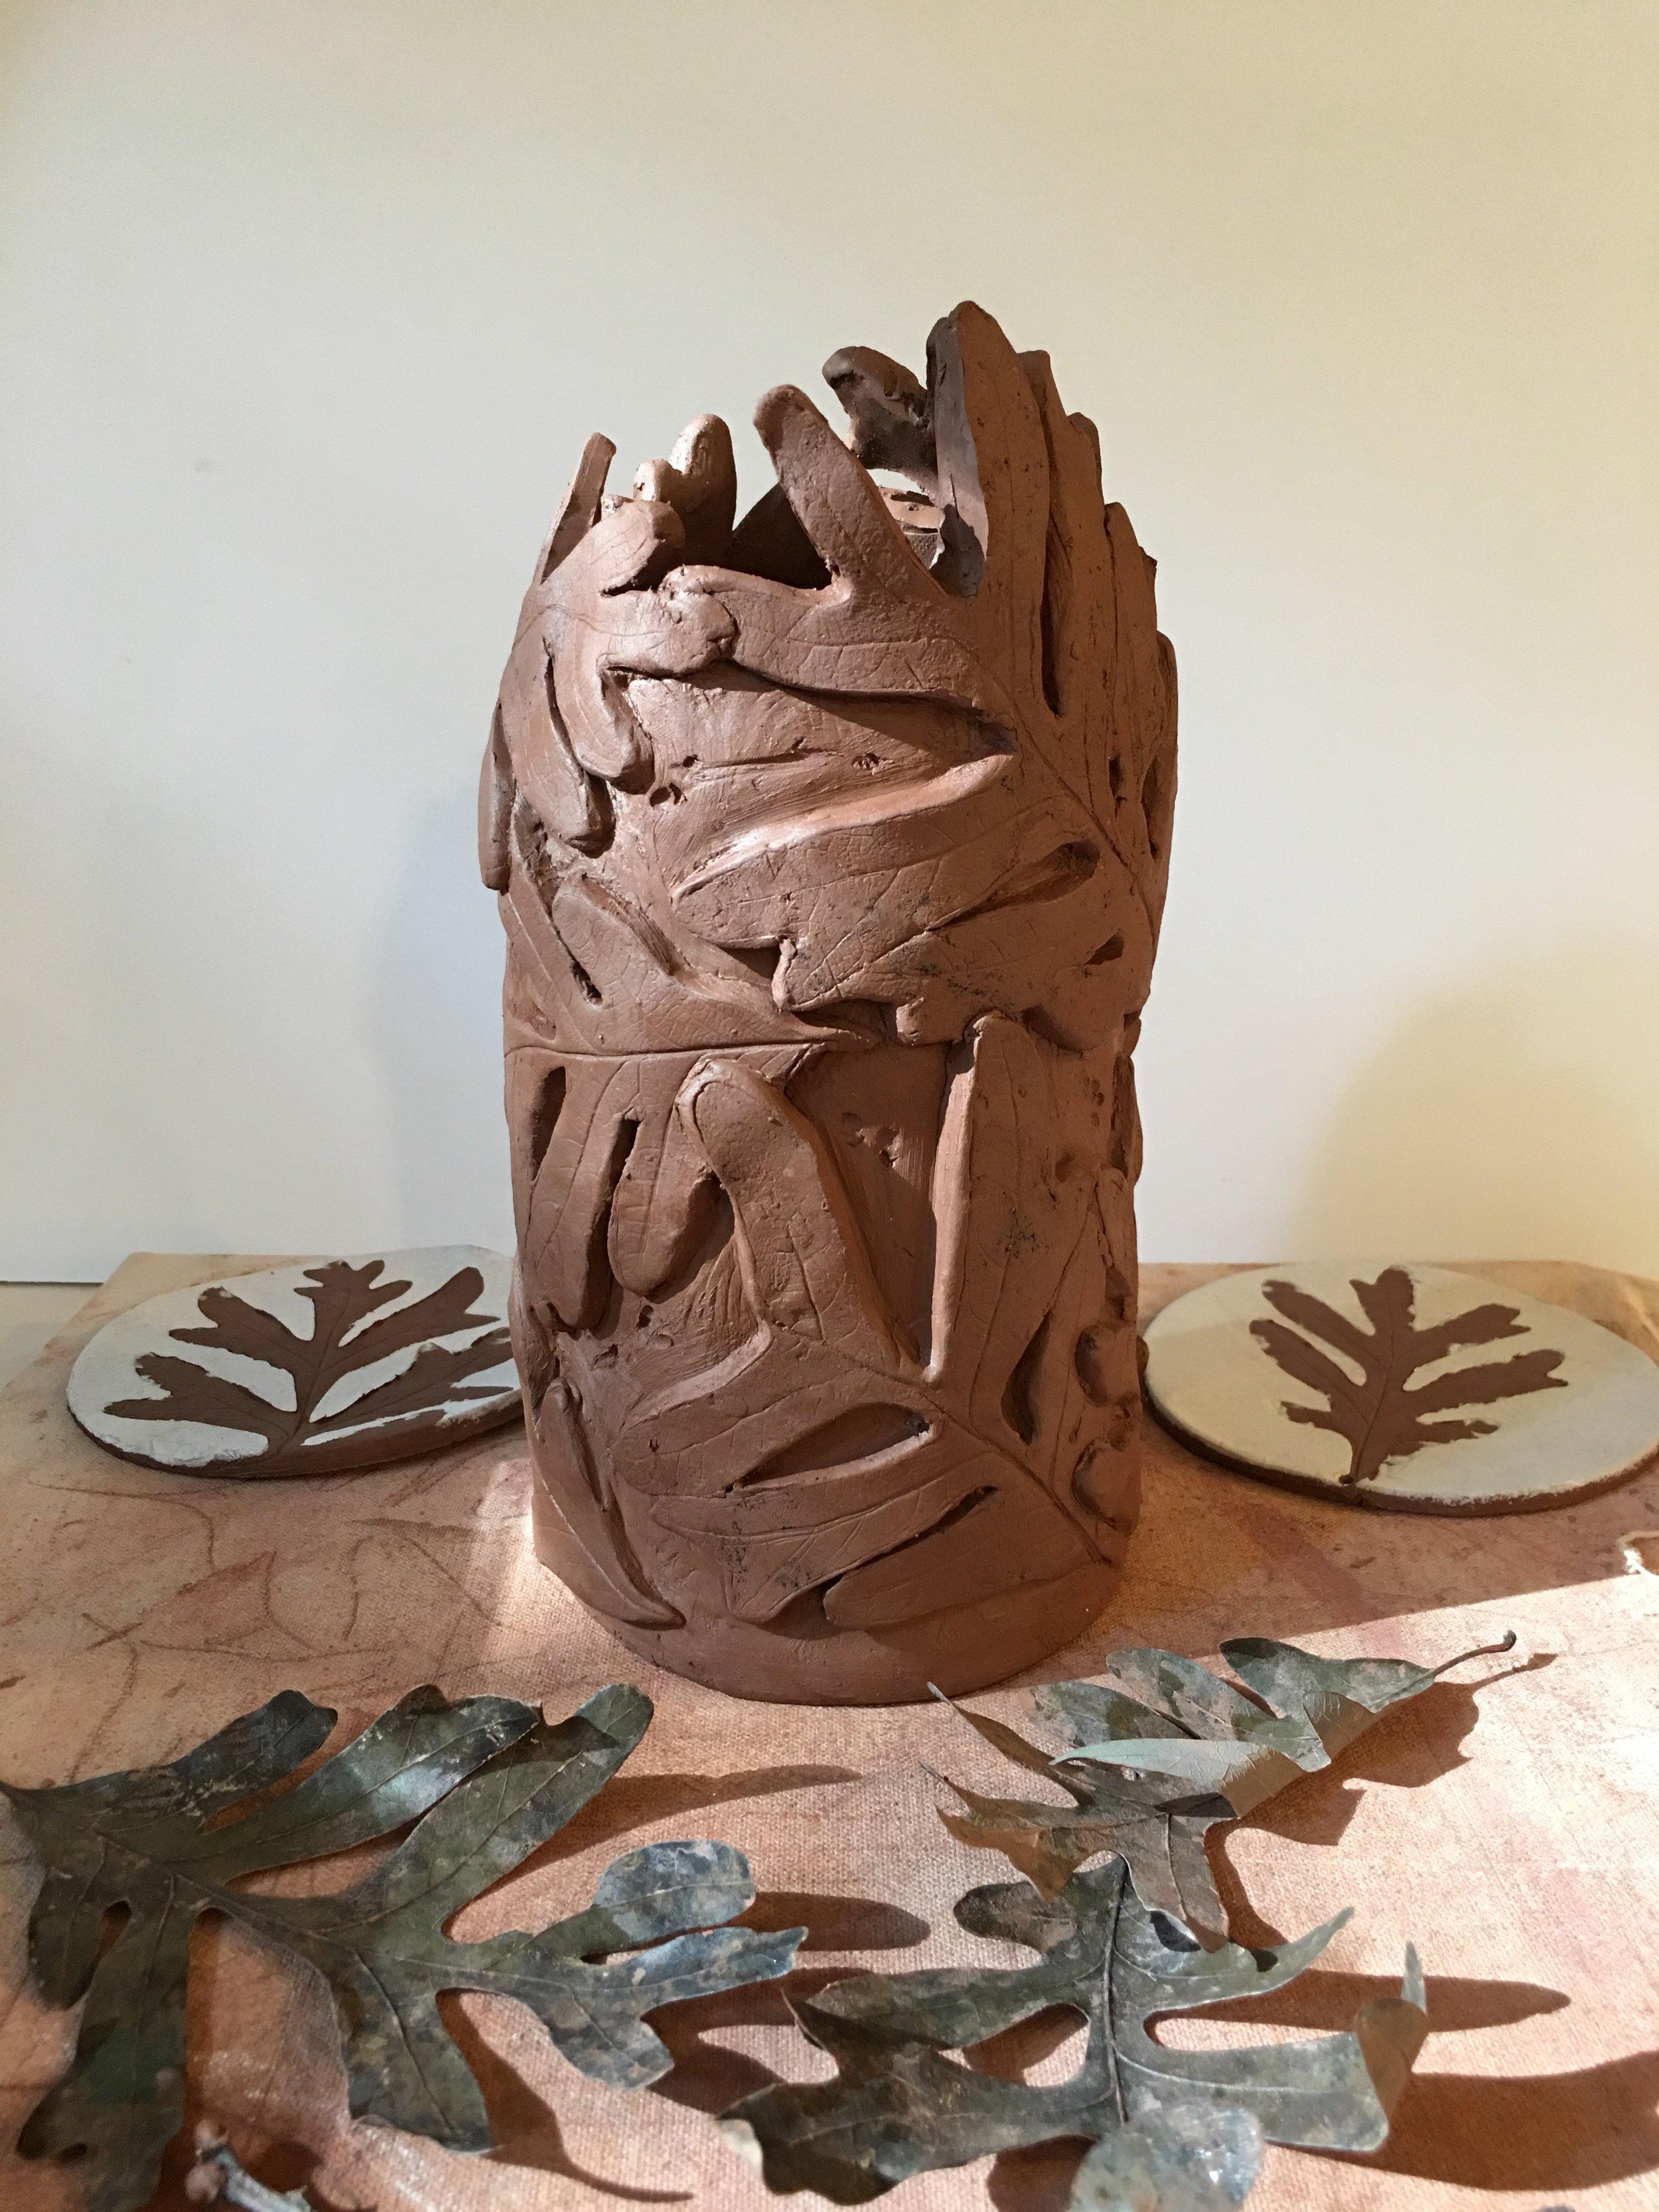 Leaf Vase in Progress